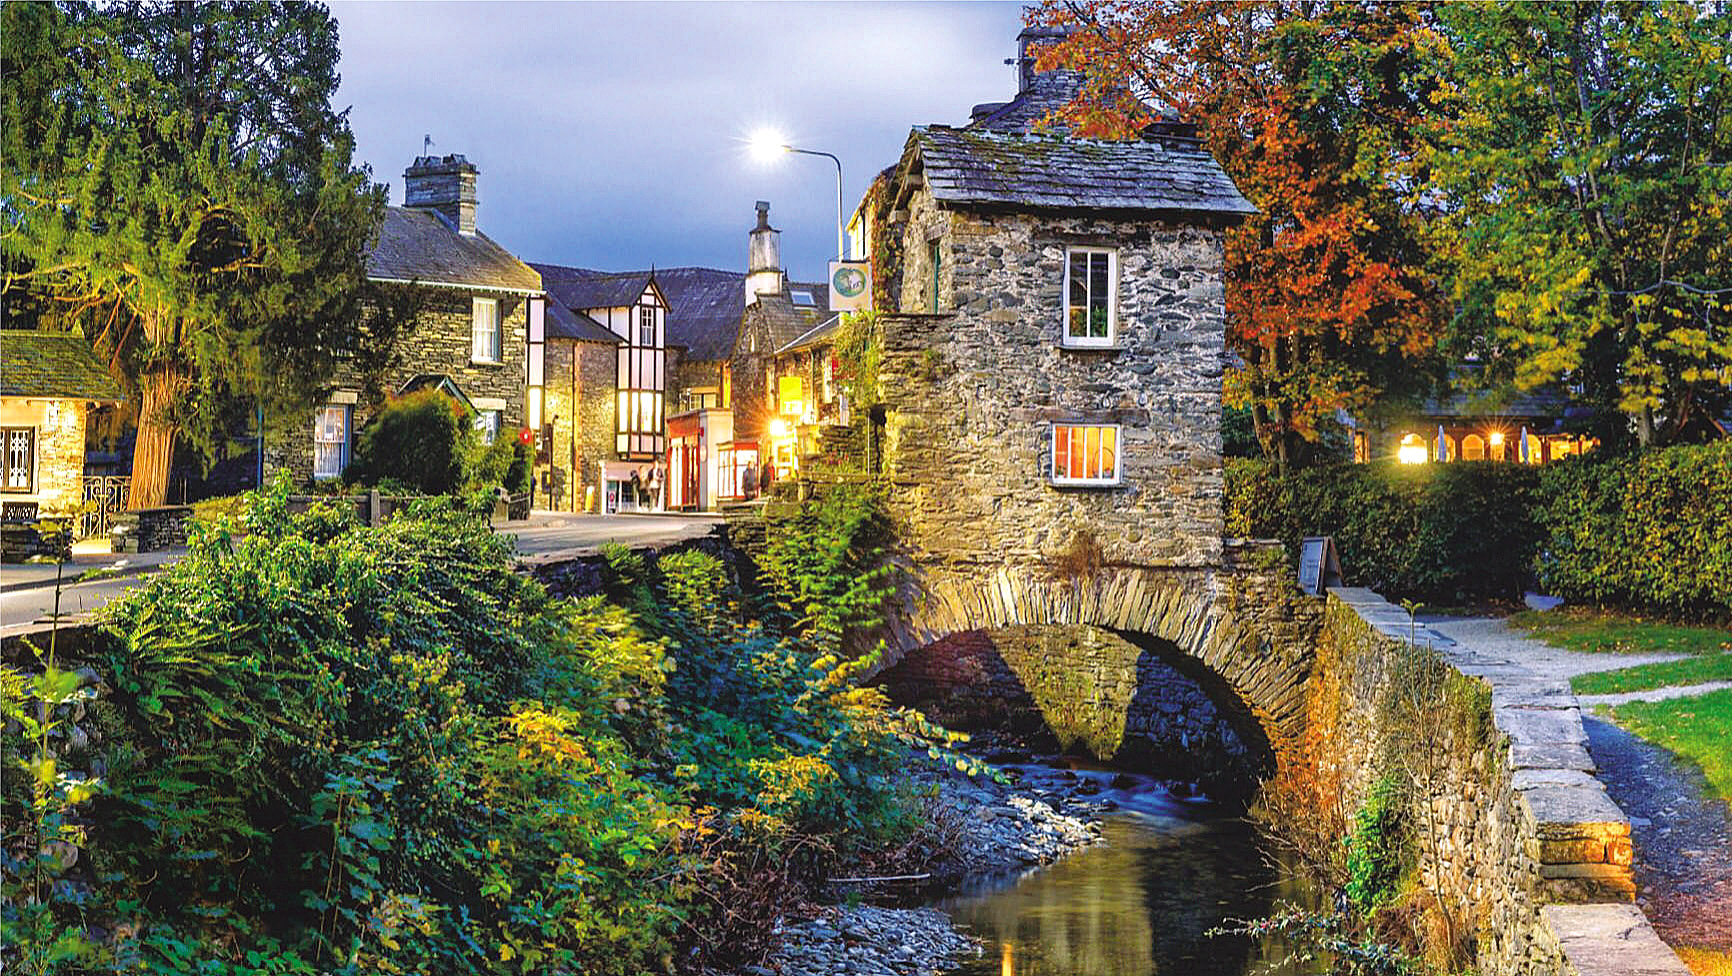 Ambleside, Lake District by Joe Daniel Price.jpg